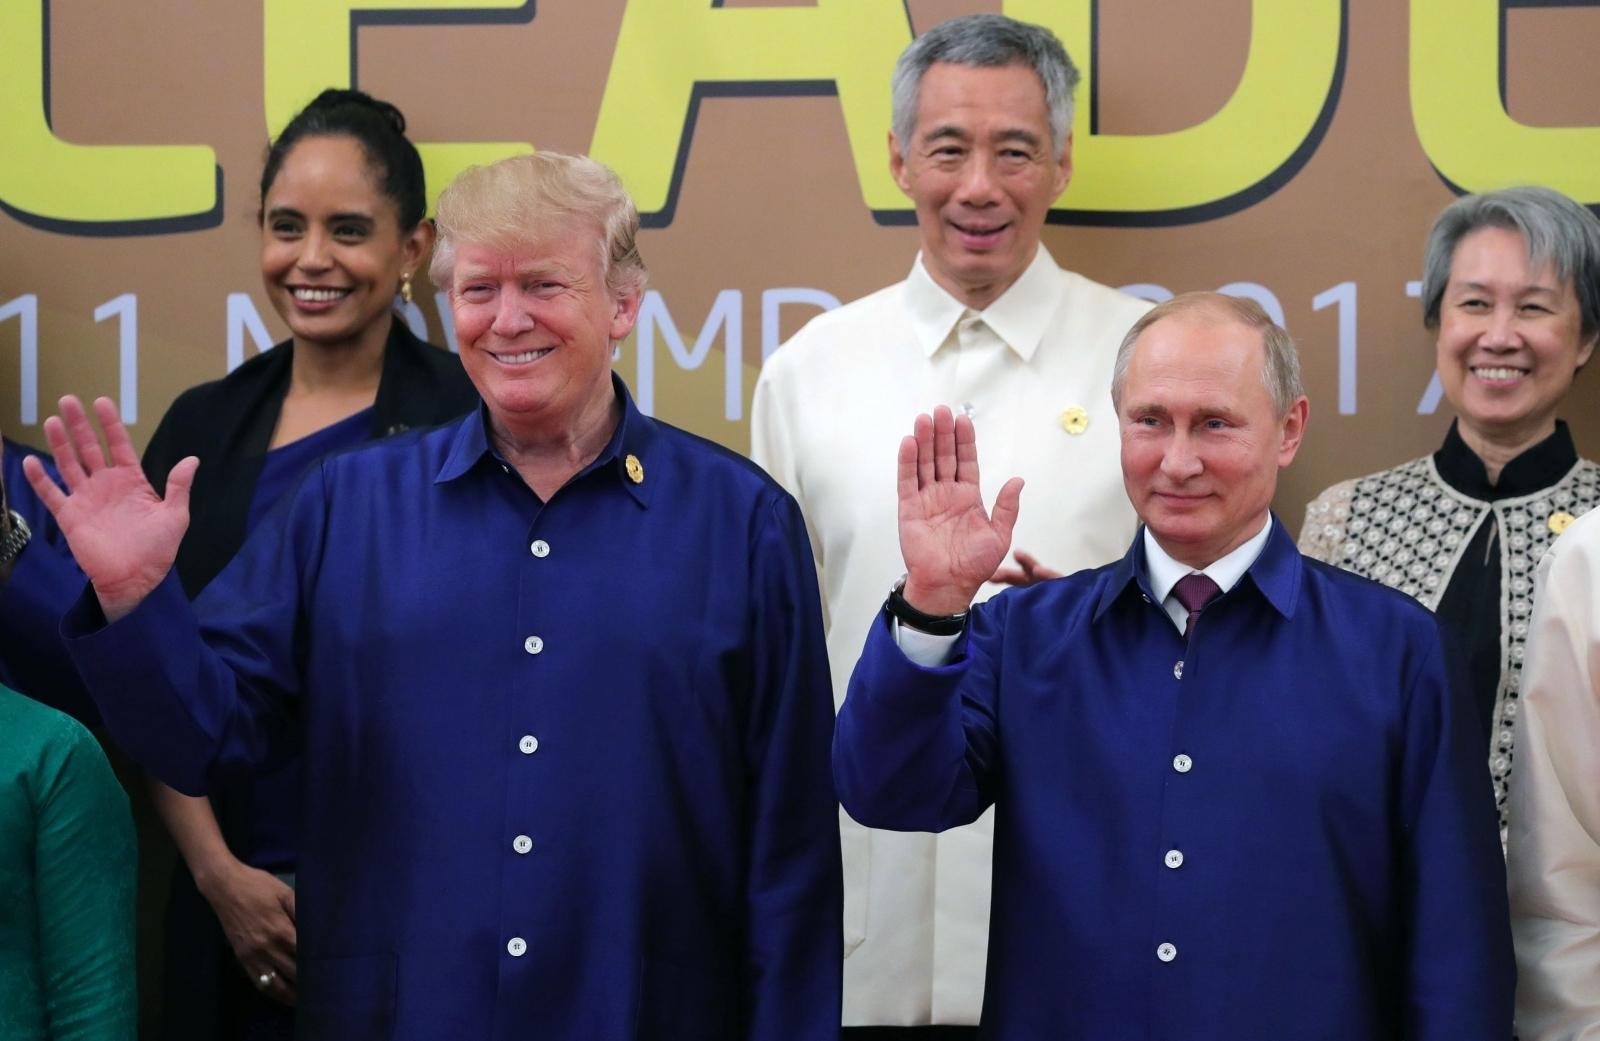 Donald Trump and Vladimir Putin at APEC